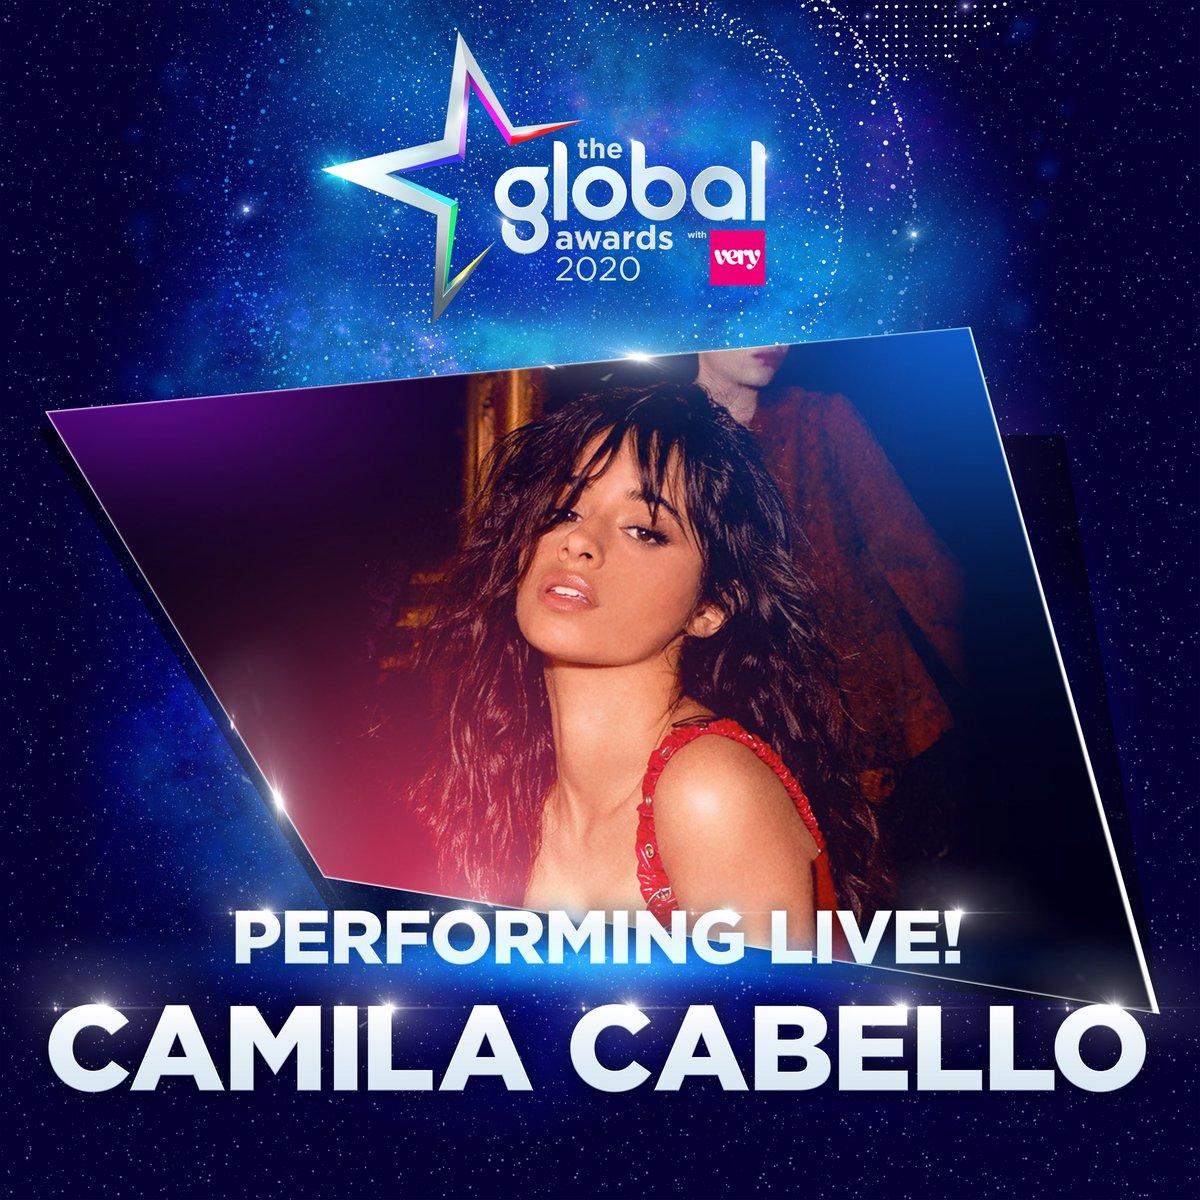 Camila_Cabello photo